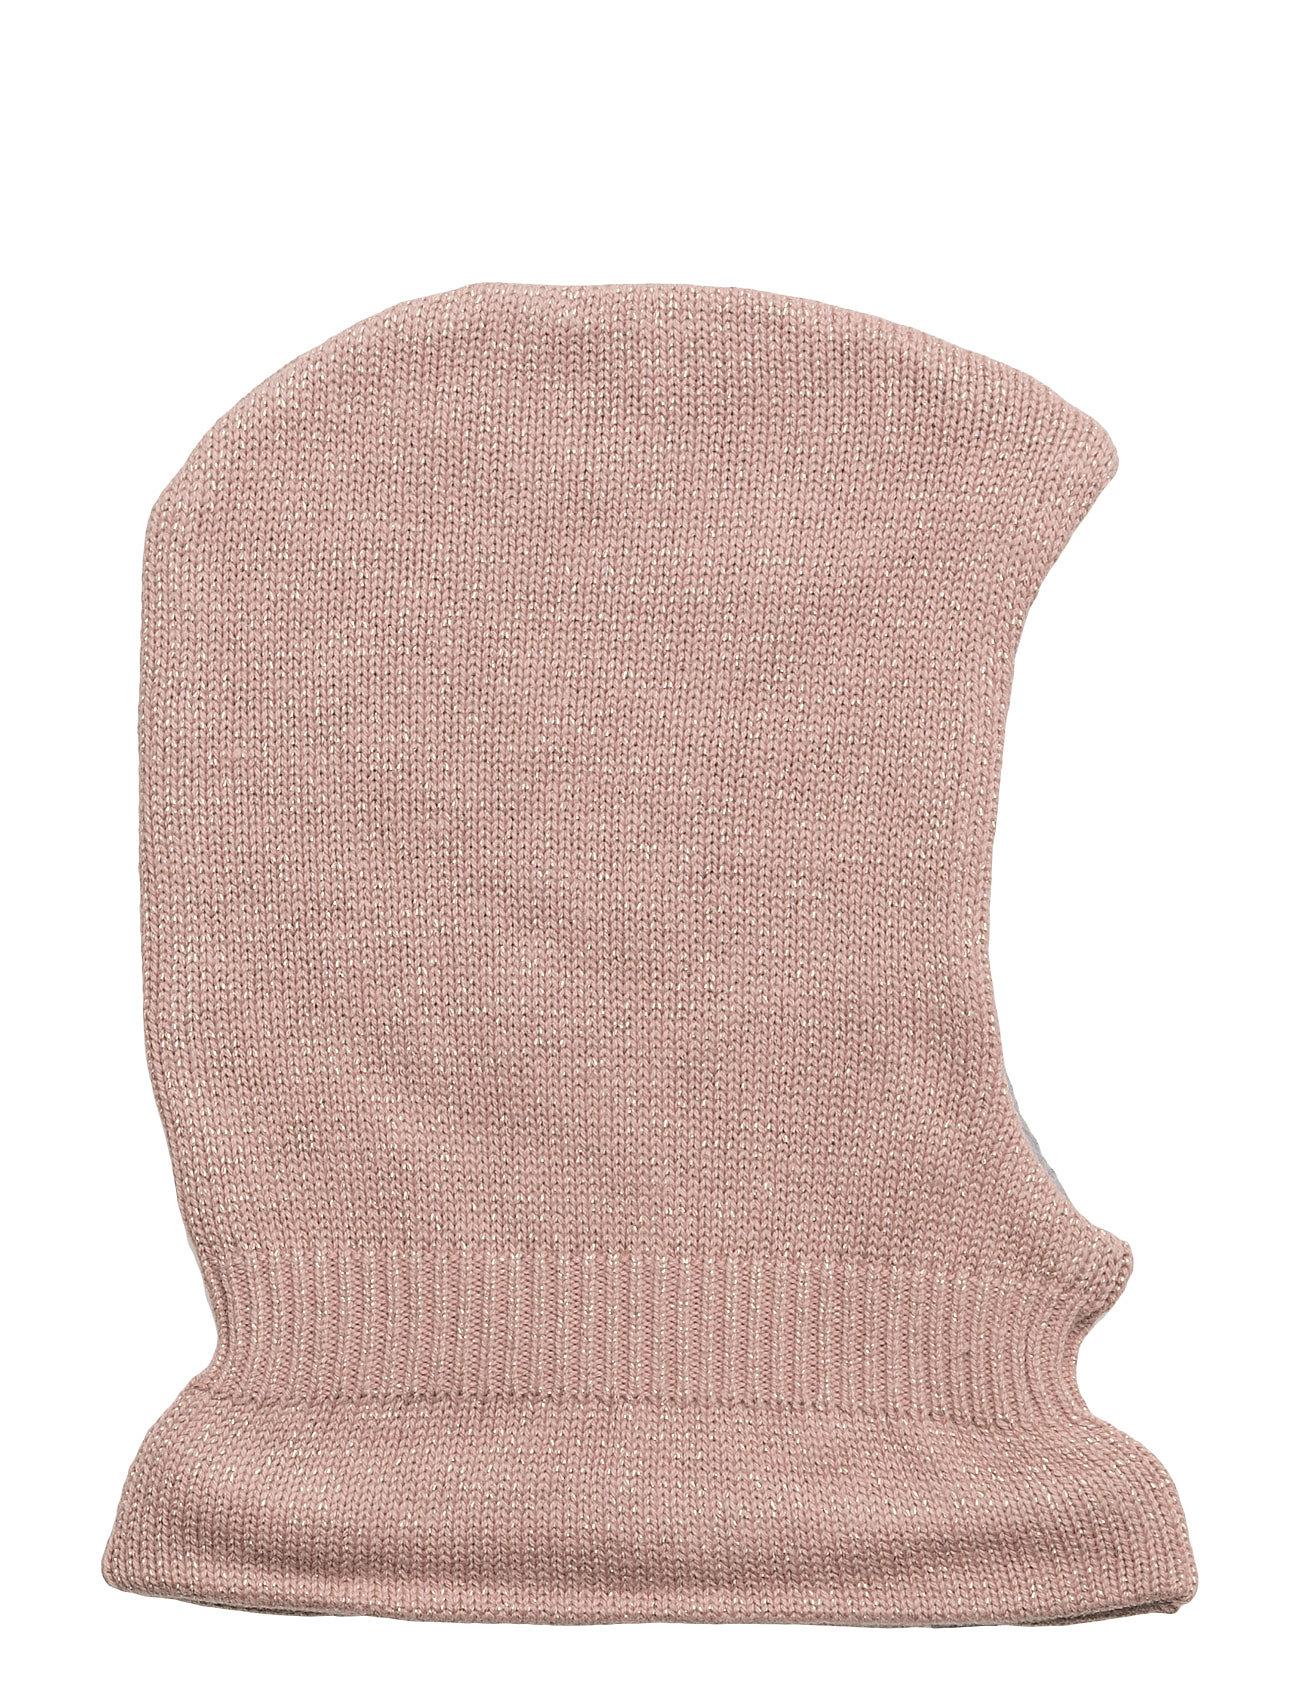 Kintted Elephant Hat Wheat Hatte & Caps til Børn i